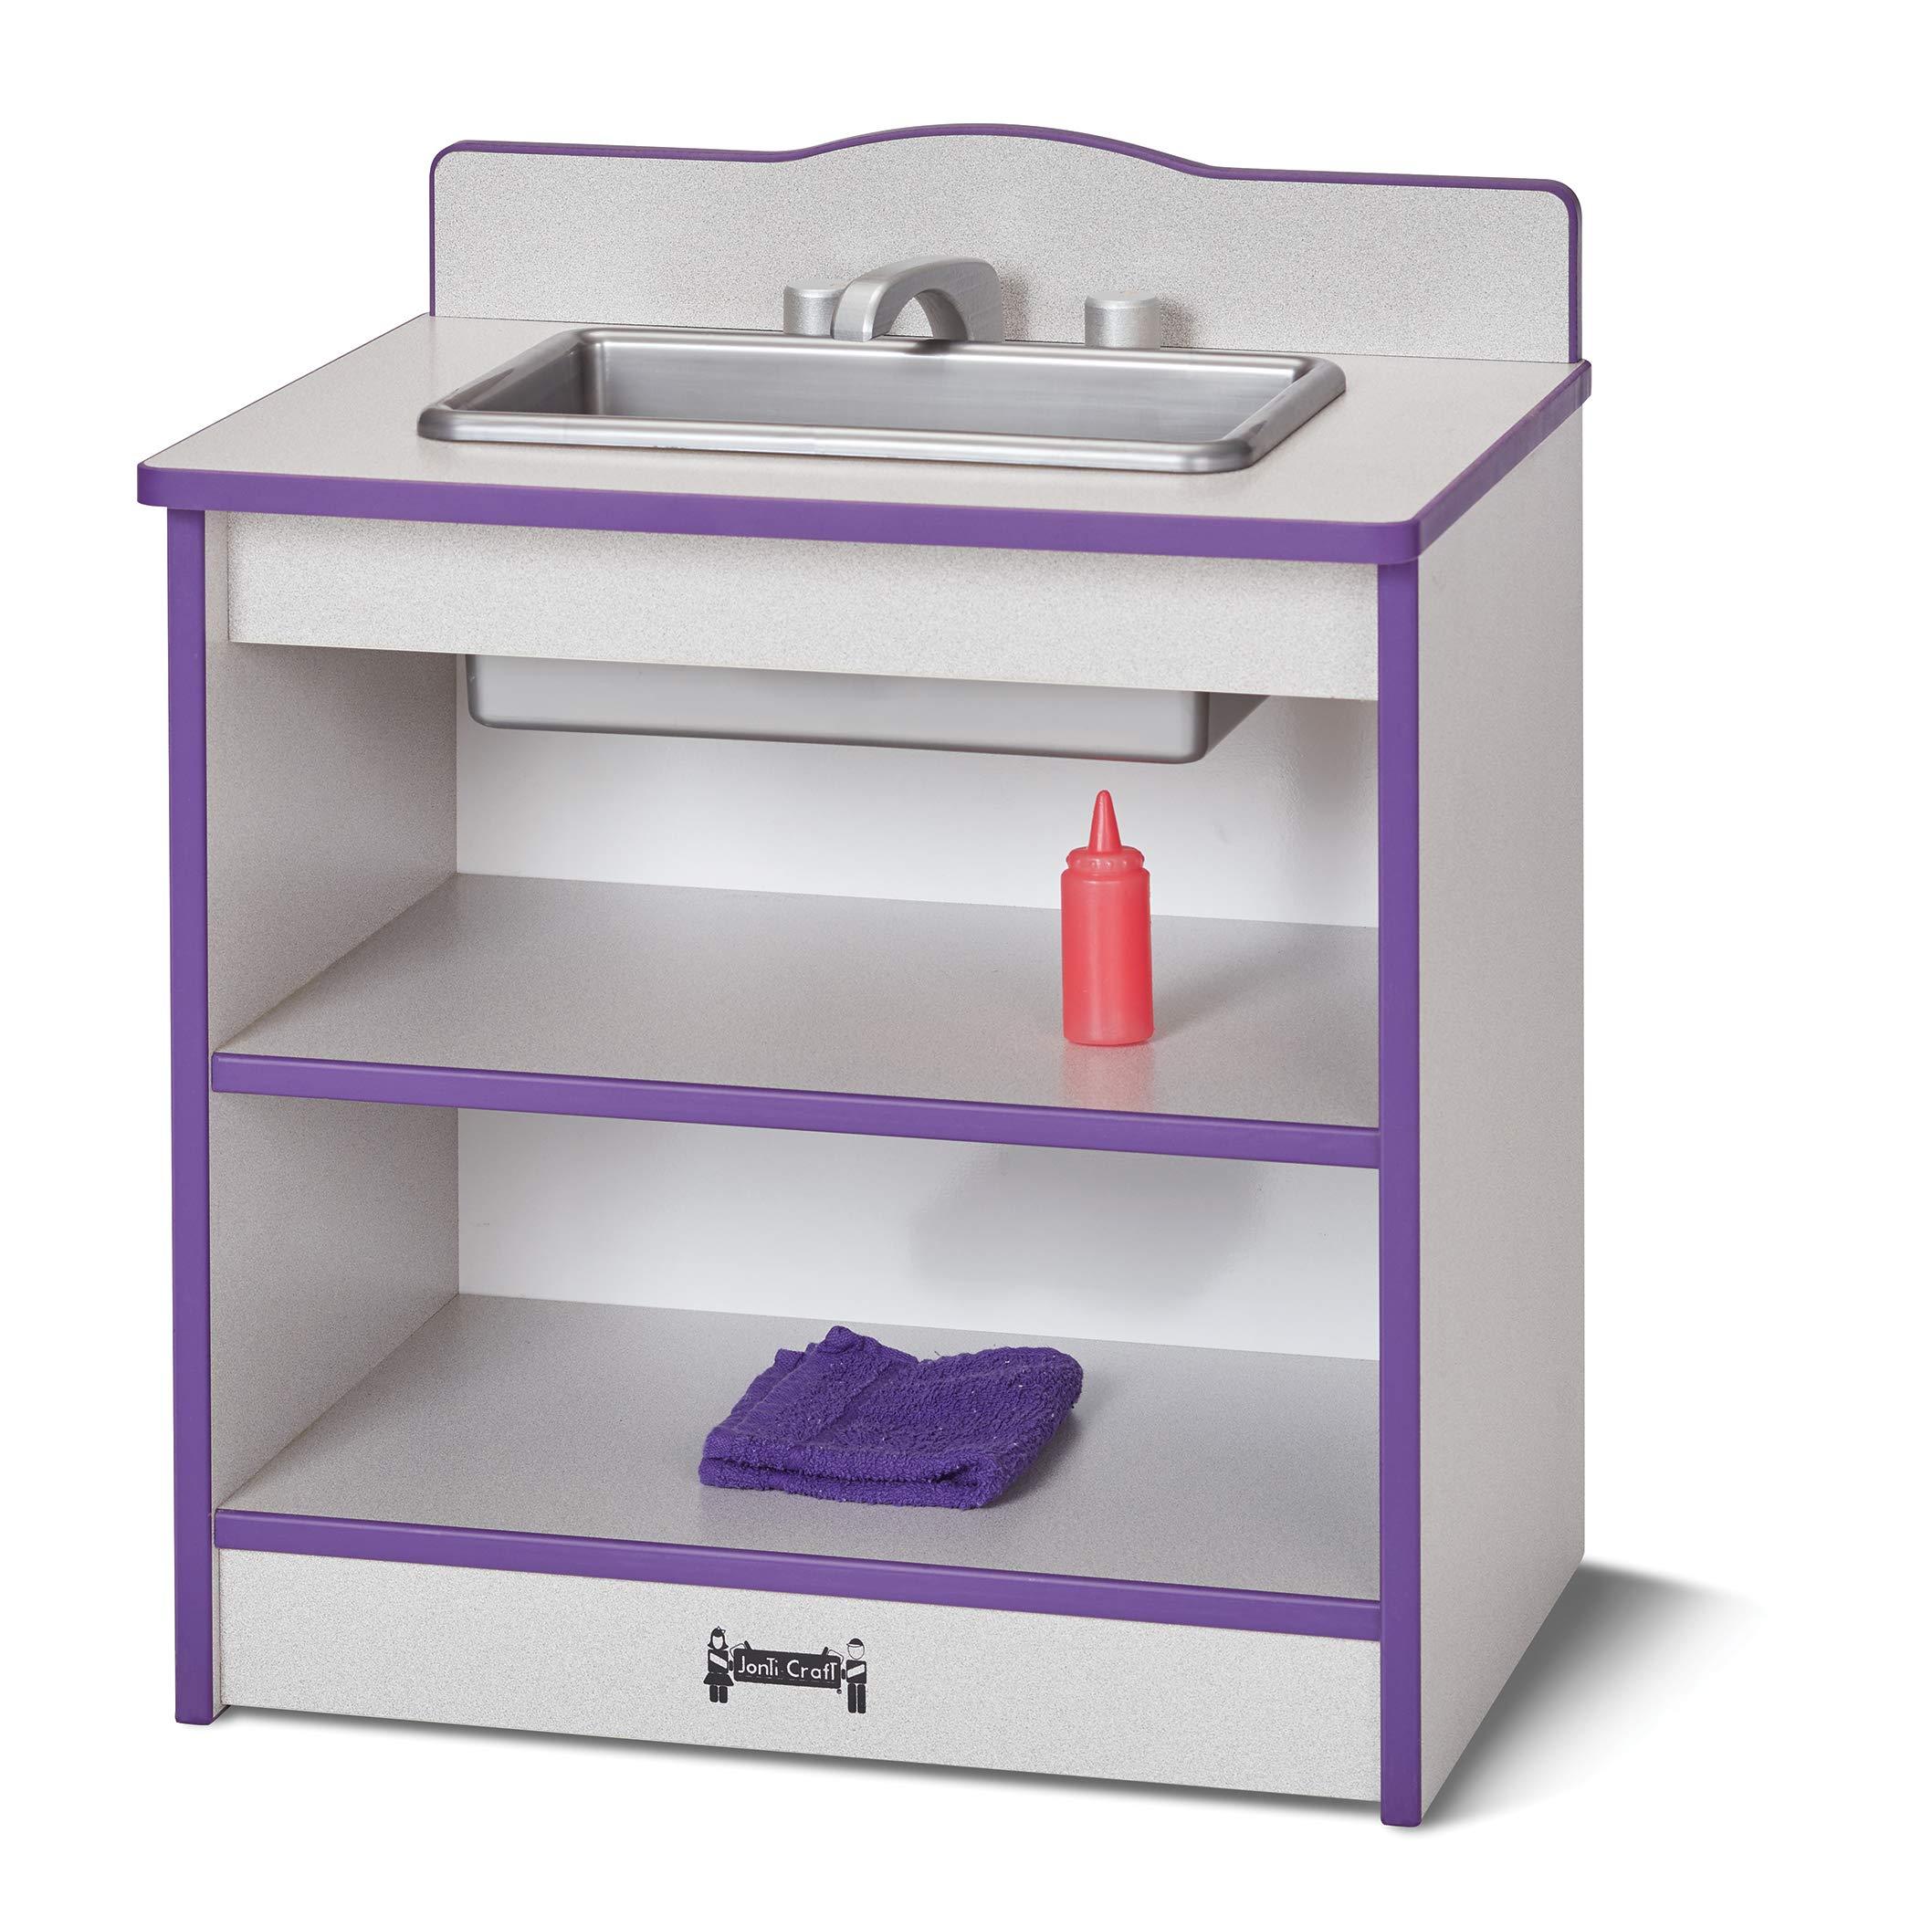 Rainbow Accents 2428JCWW007 Toddler Kitchen Sink - Yellow